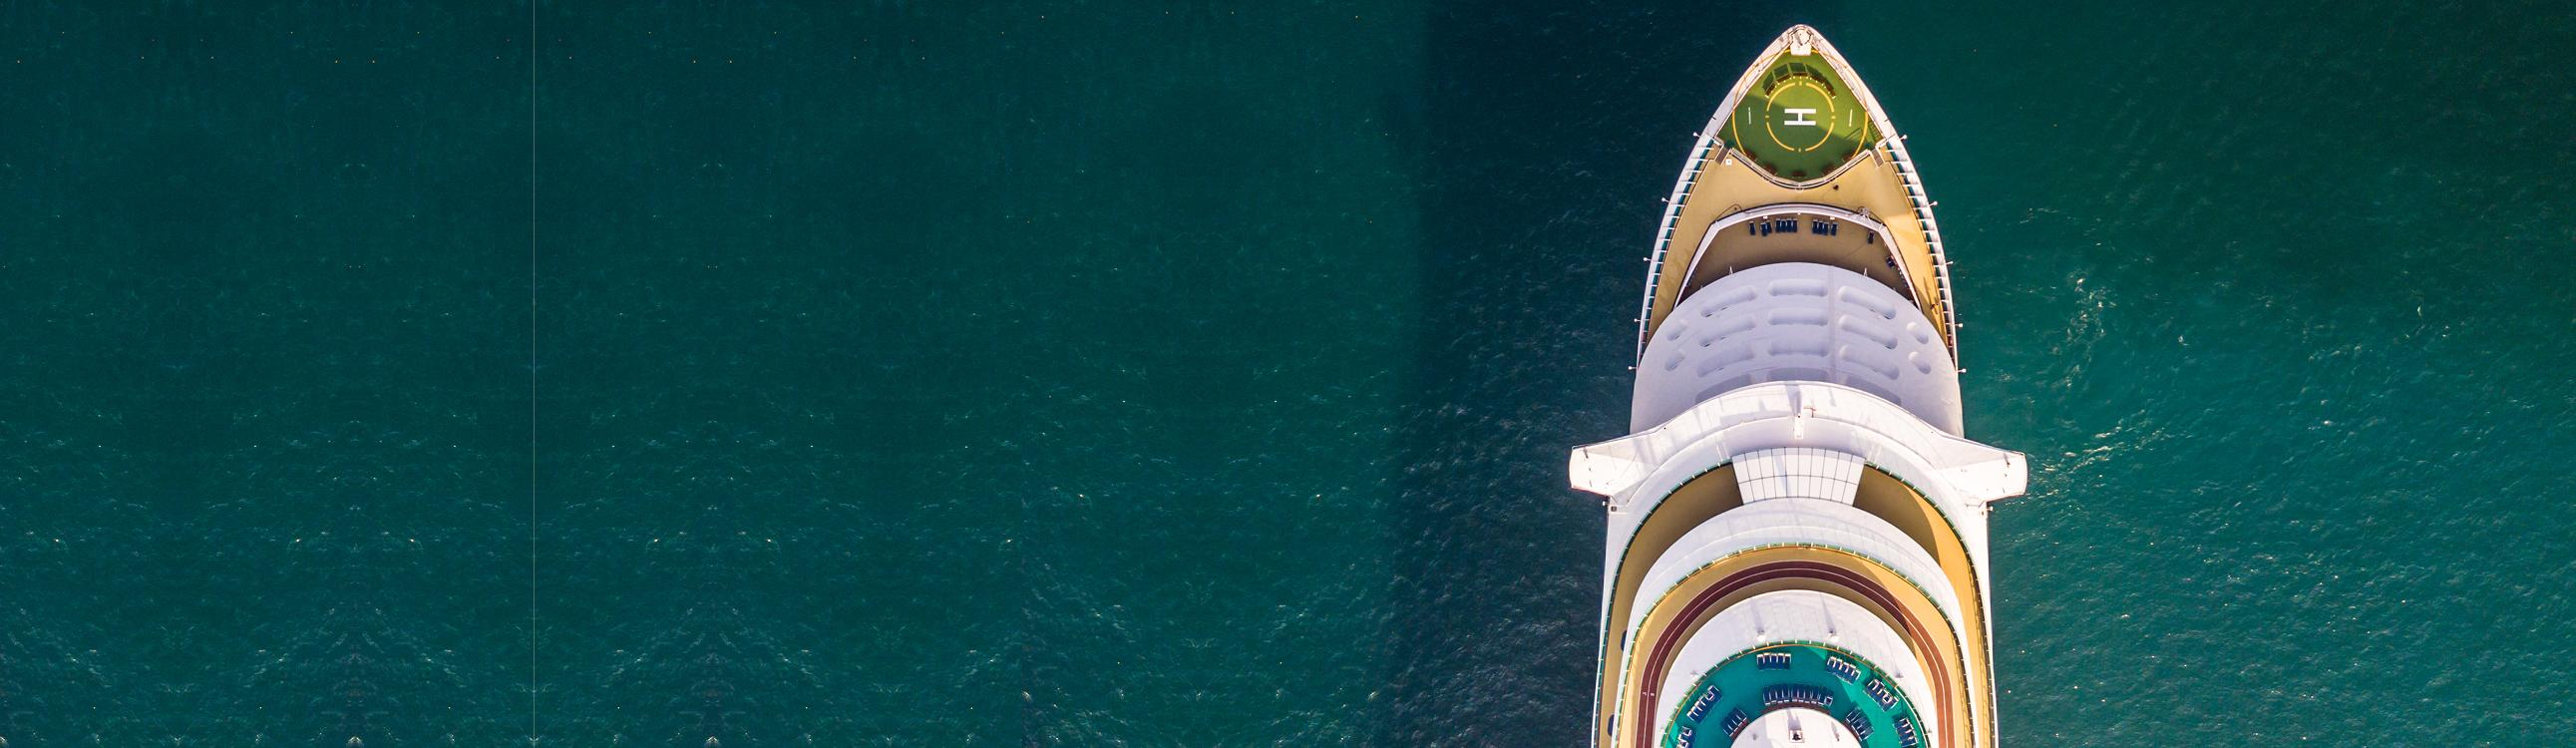 Header Nyhedsbrev DEA Og IF Onboard 2019 V5 Uden Logoer